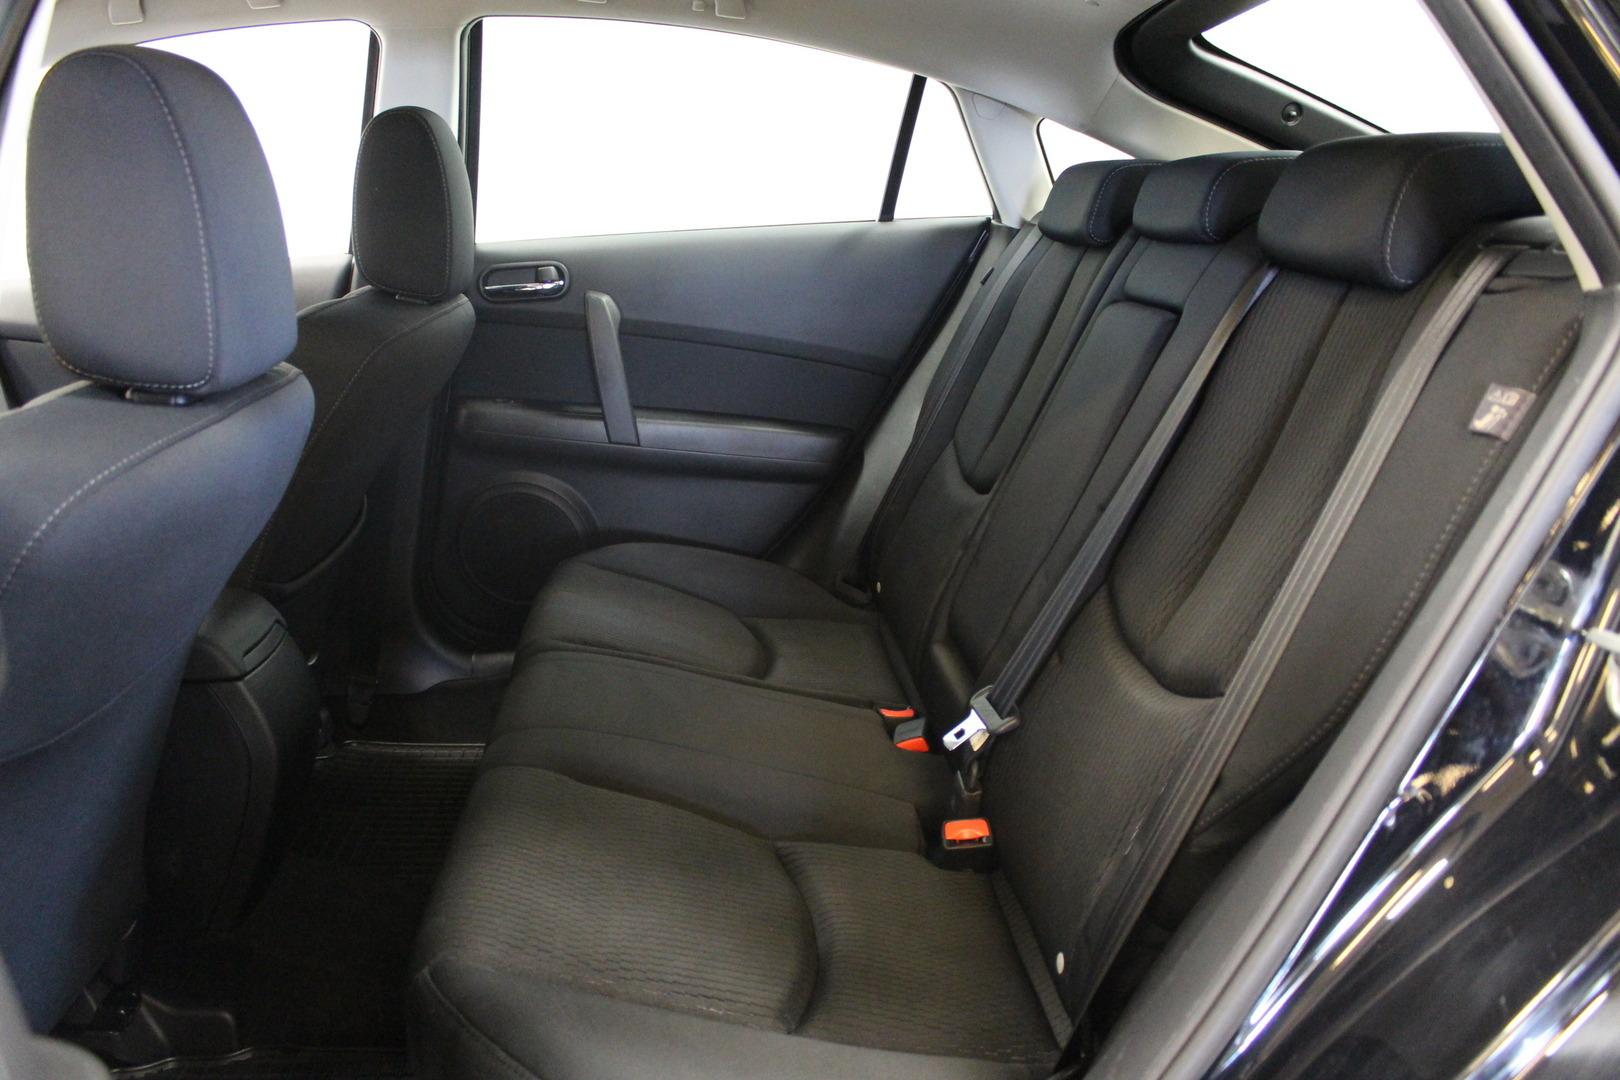 Mazda Mazda6, 2,2TD MP Touring Business #Siistikuntoinen #Vakionopeudensäädin